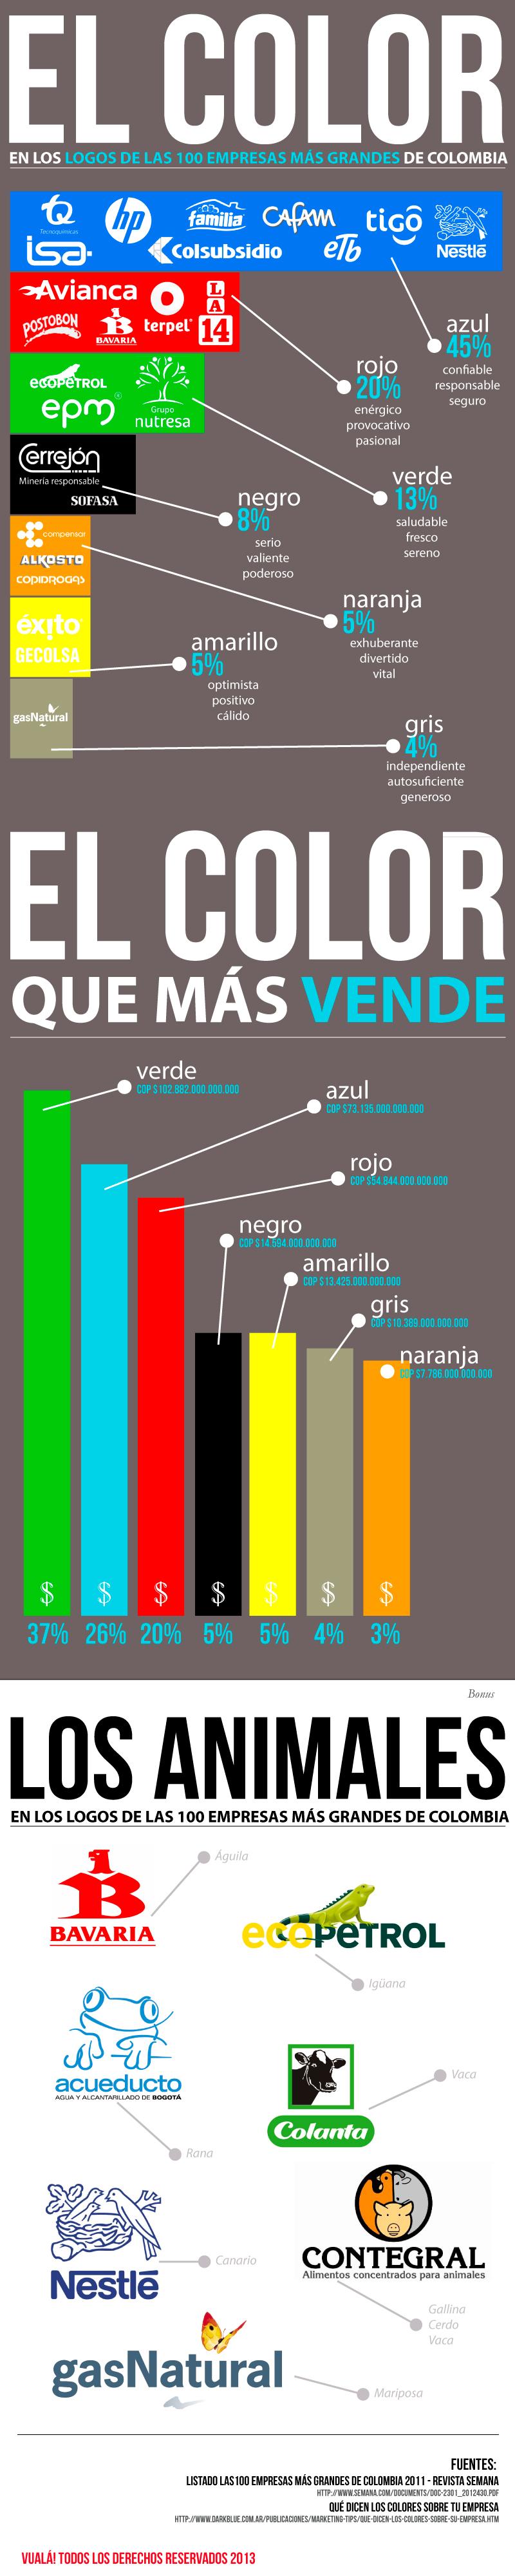 El efecto del color en las empresas más grandes de Colombia 2012 - www.vuala.co